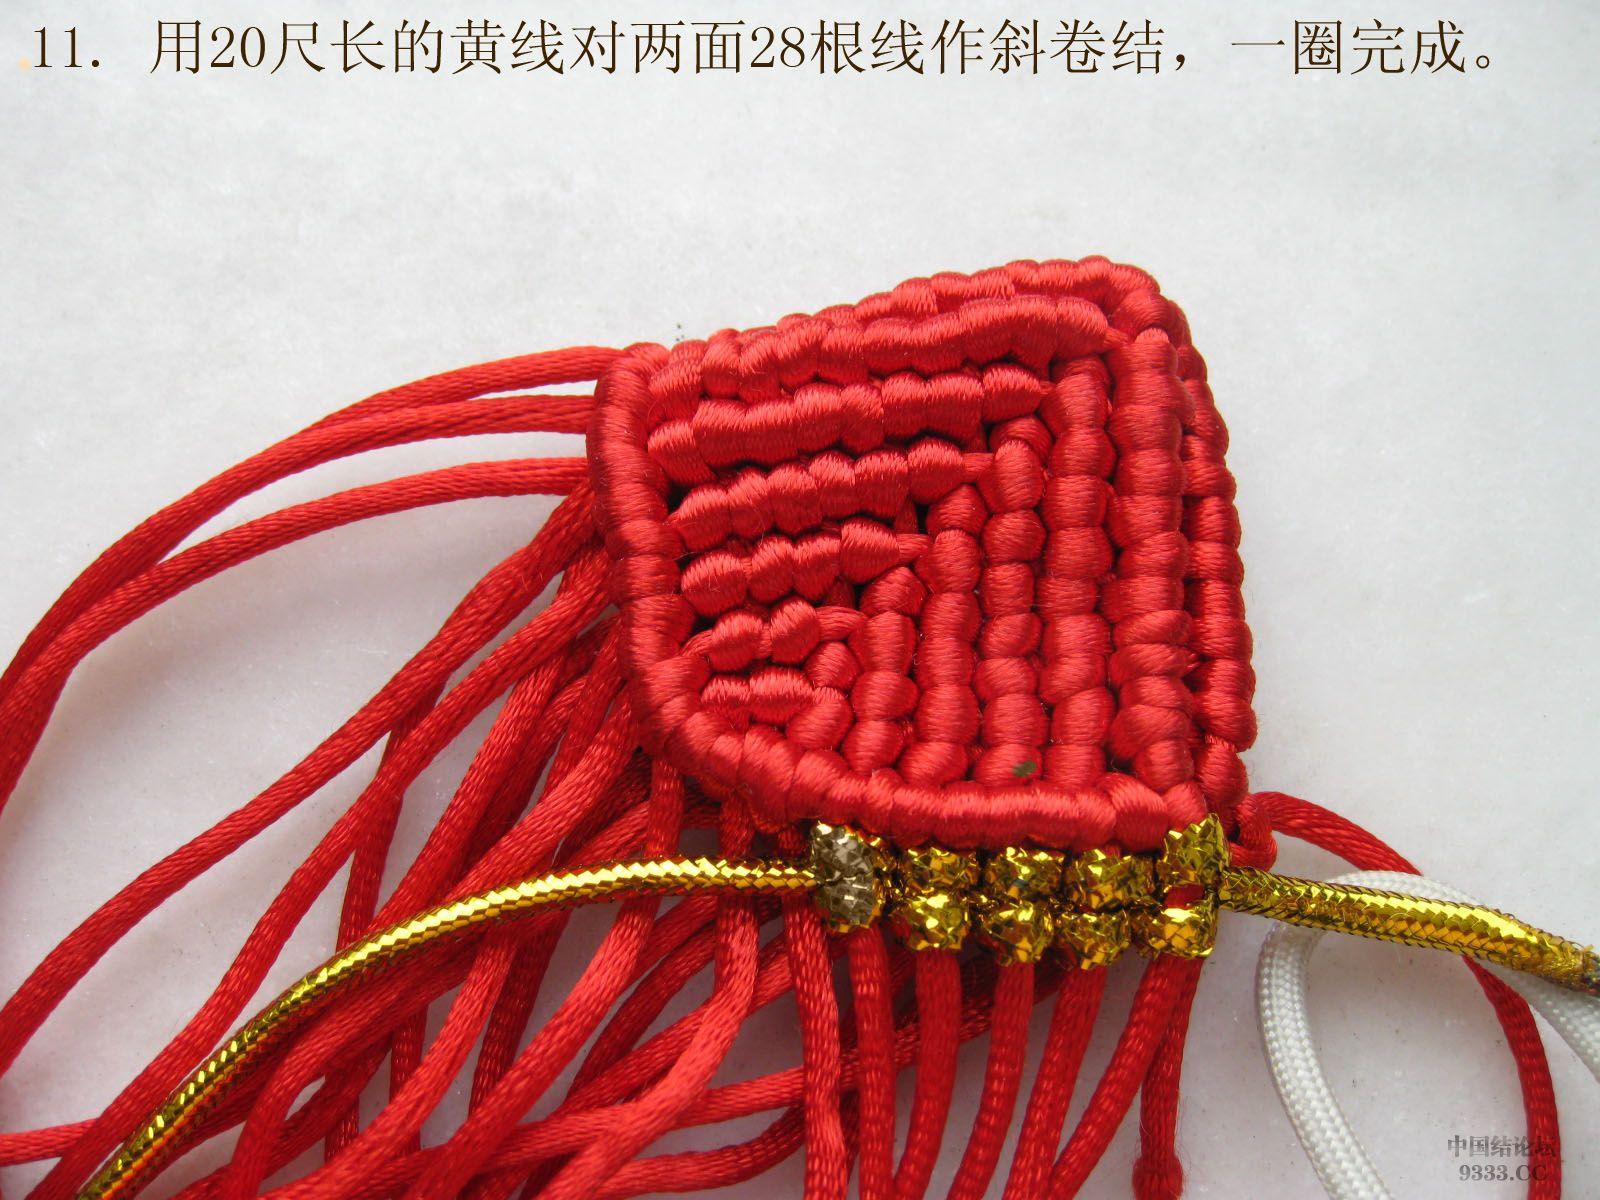 中国结论坛 我发一个鲤鱼教程  立体绳结教程与交流区 0909160712c81a9f3fc88b6f50